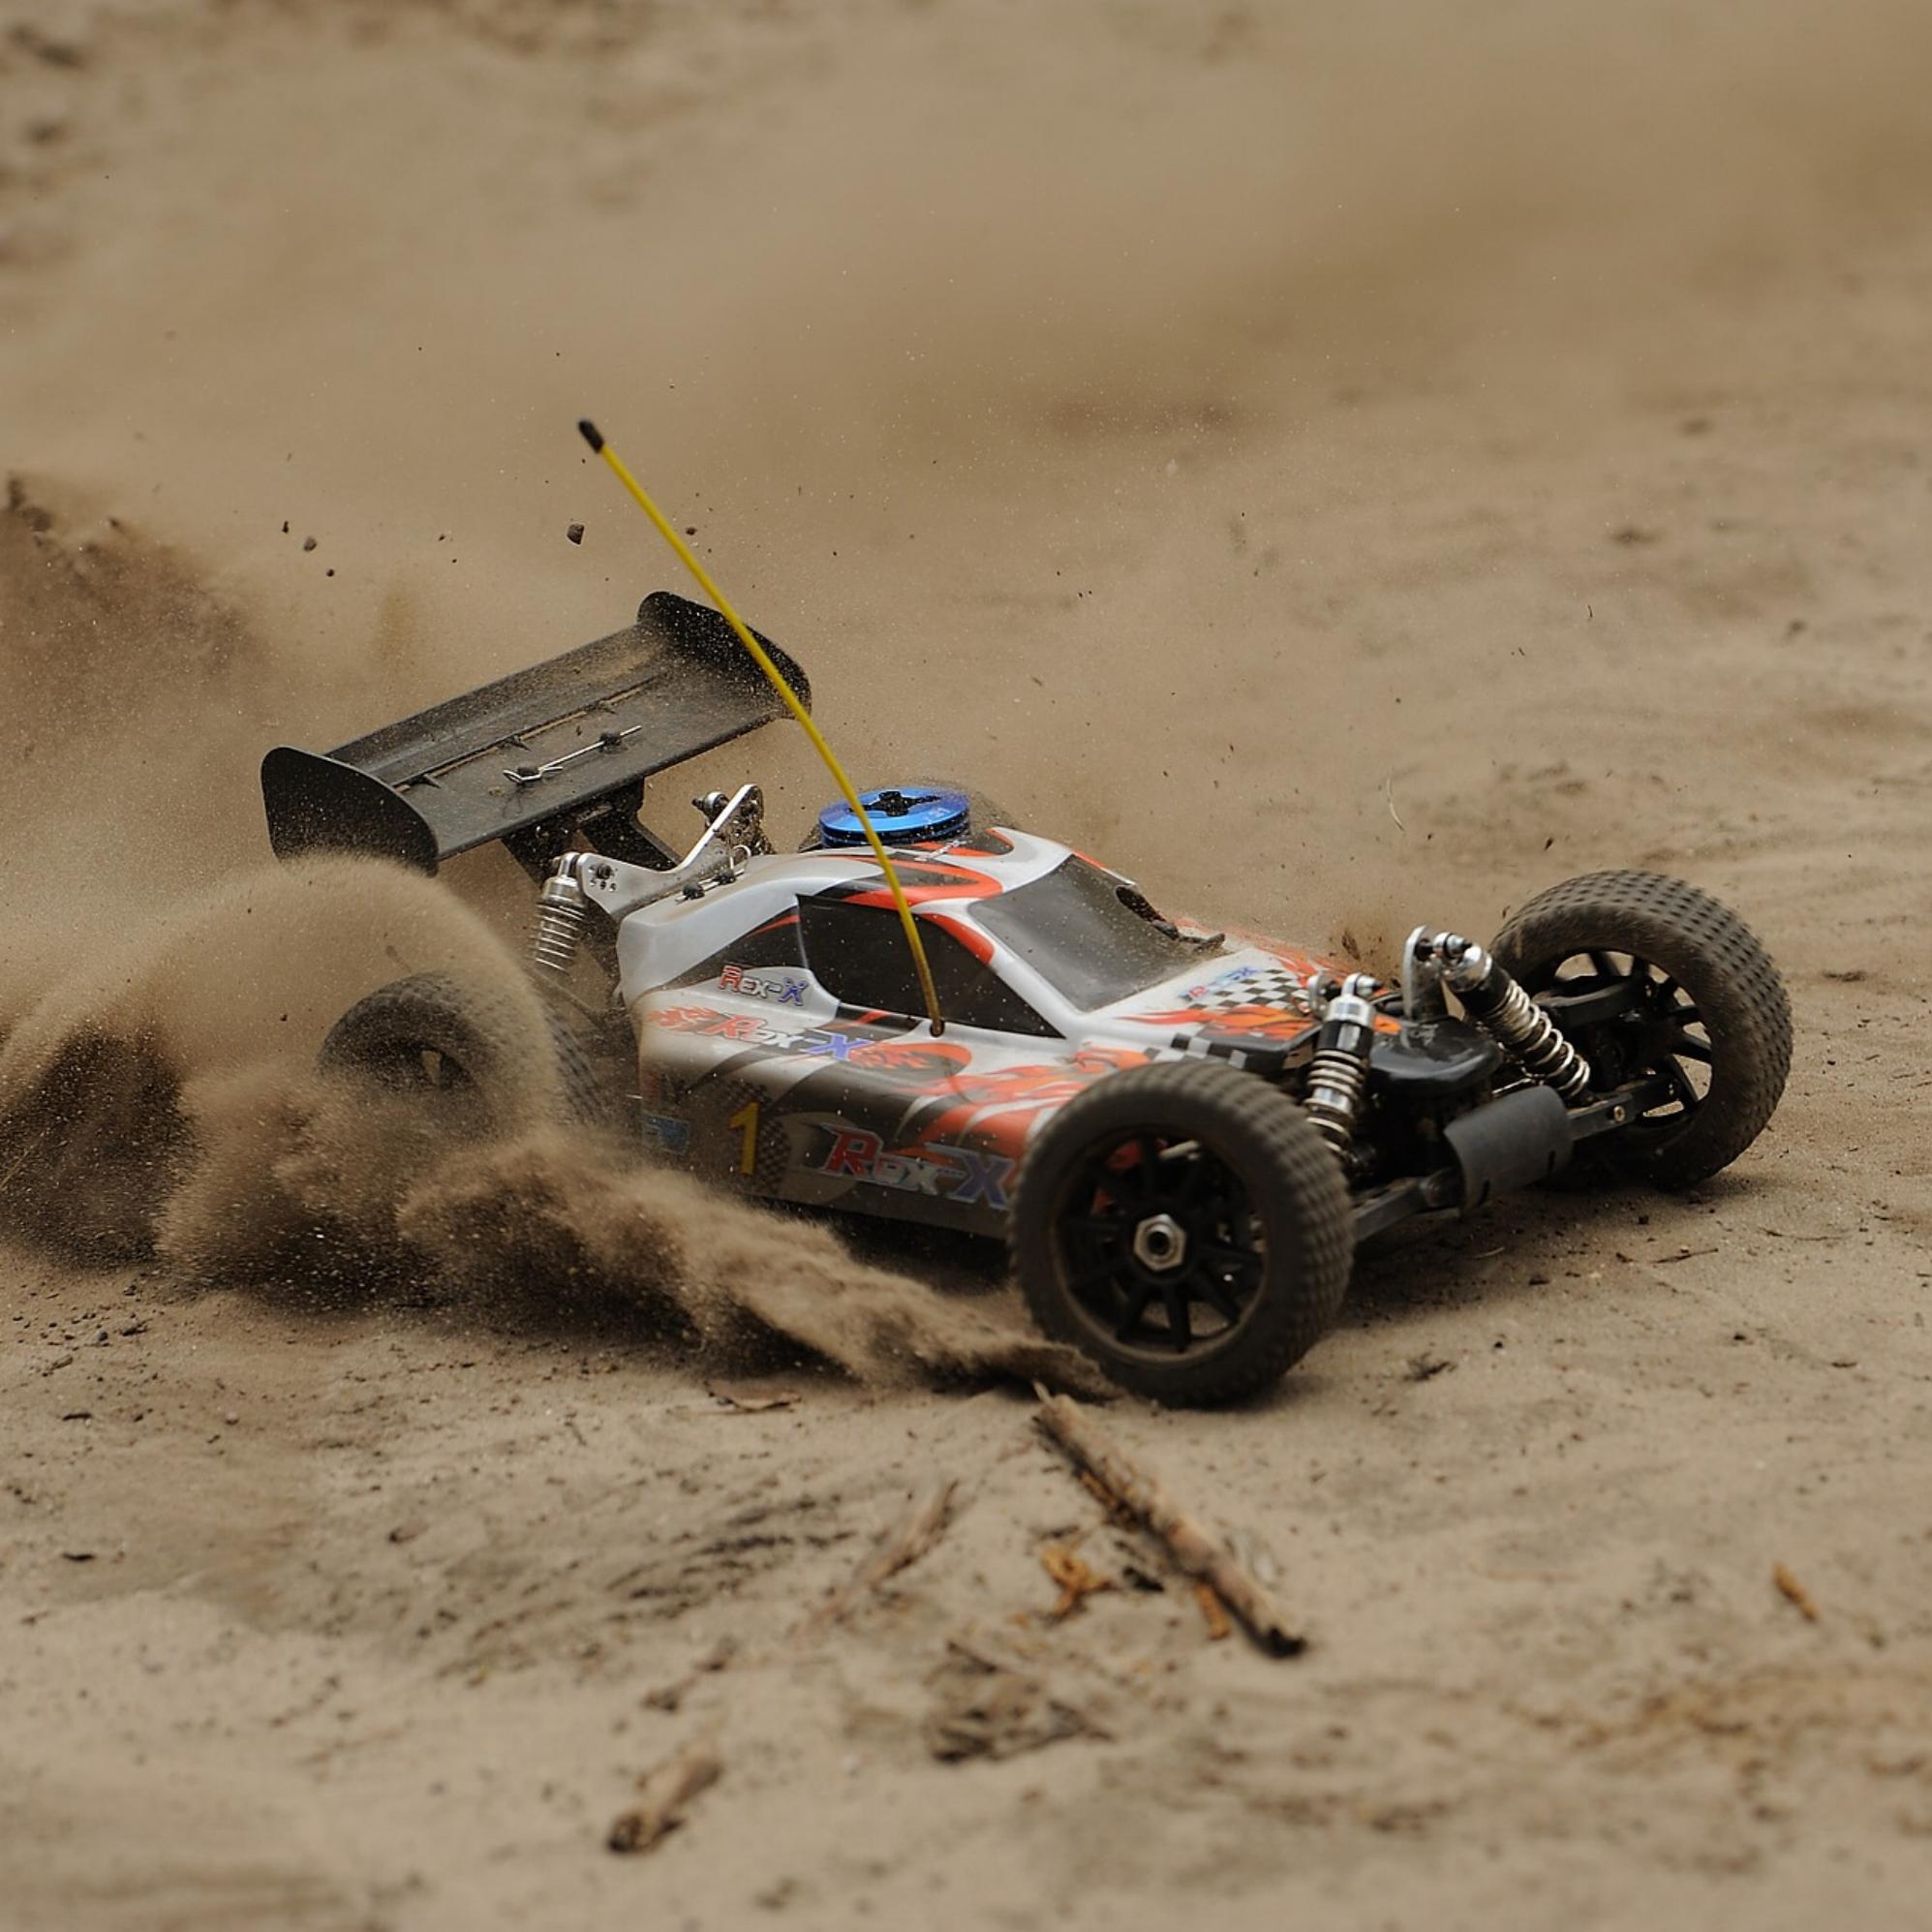 Fjernstyret Racerbil er voldsomt populært, da bilerne der køres med ikke er små legetøjs biler, men kraftige maskiner som bare buldre derud af. Vi indstiller bilerne efter niveau, så alle kan være med og får en sjov og anderledes oplevelse med hjem. -